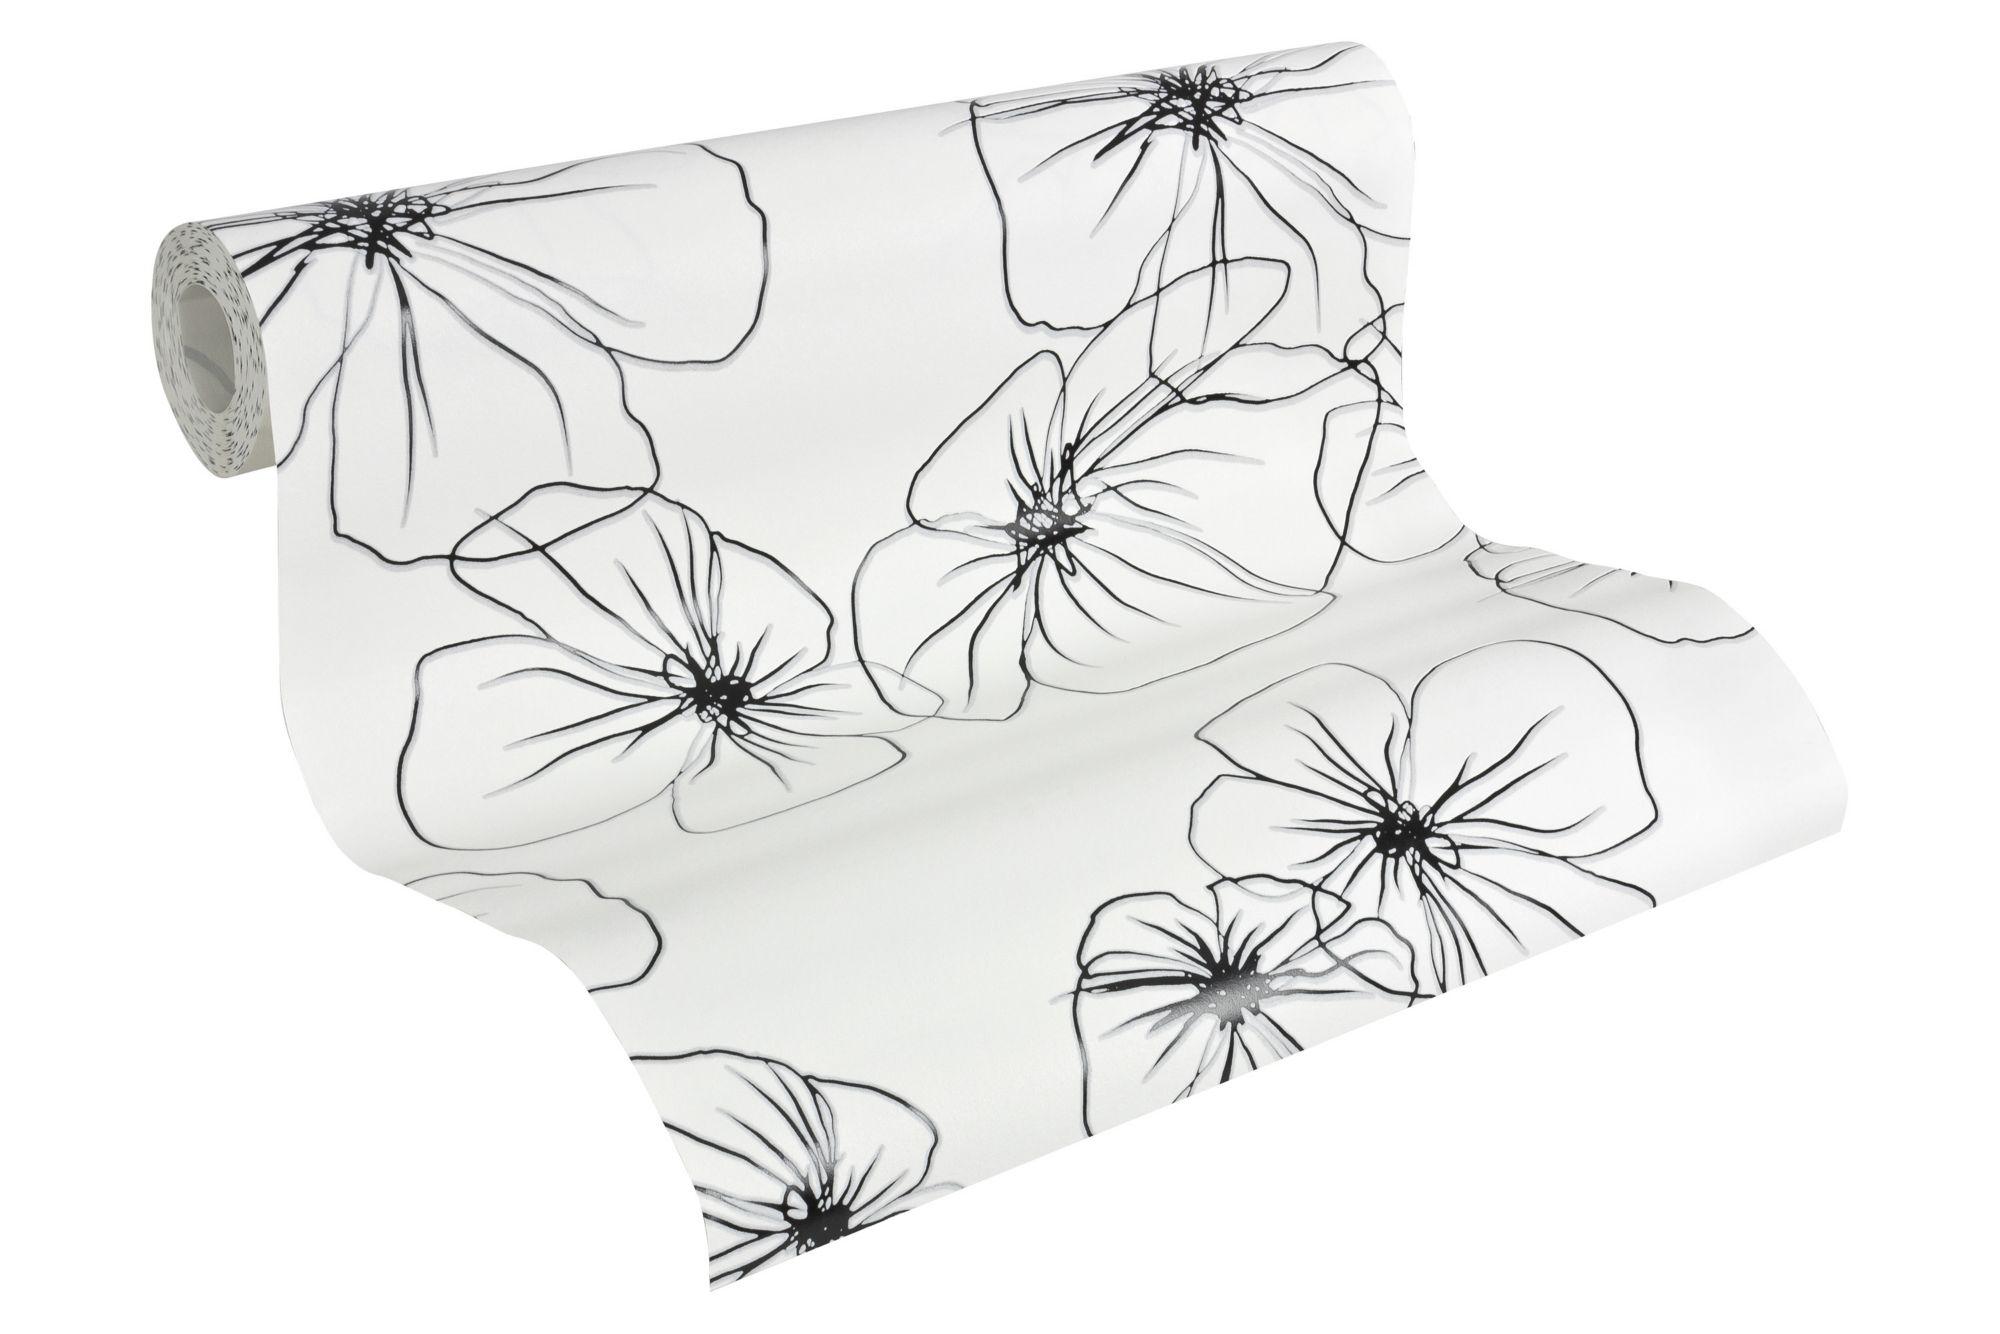 Selbstklebende Tapeten F?r Schr?nke : Flower Drawings? Schwab Versand Schwarz-Wei? Tapeten